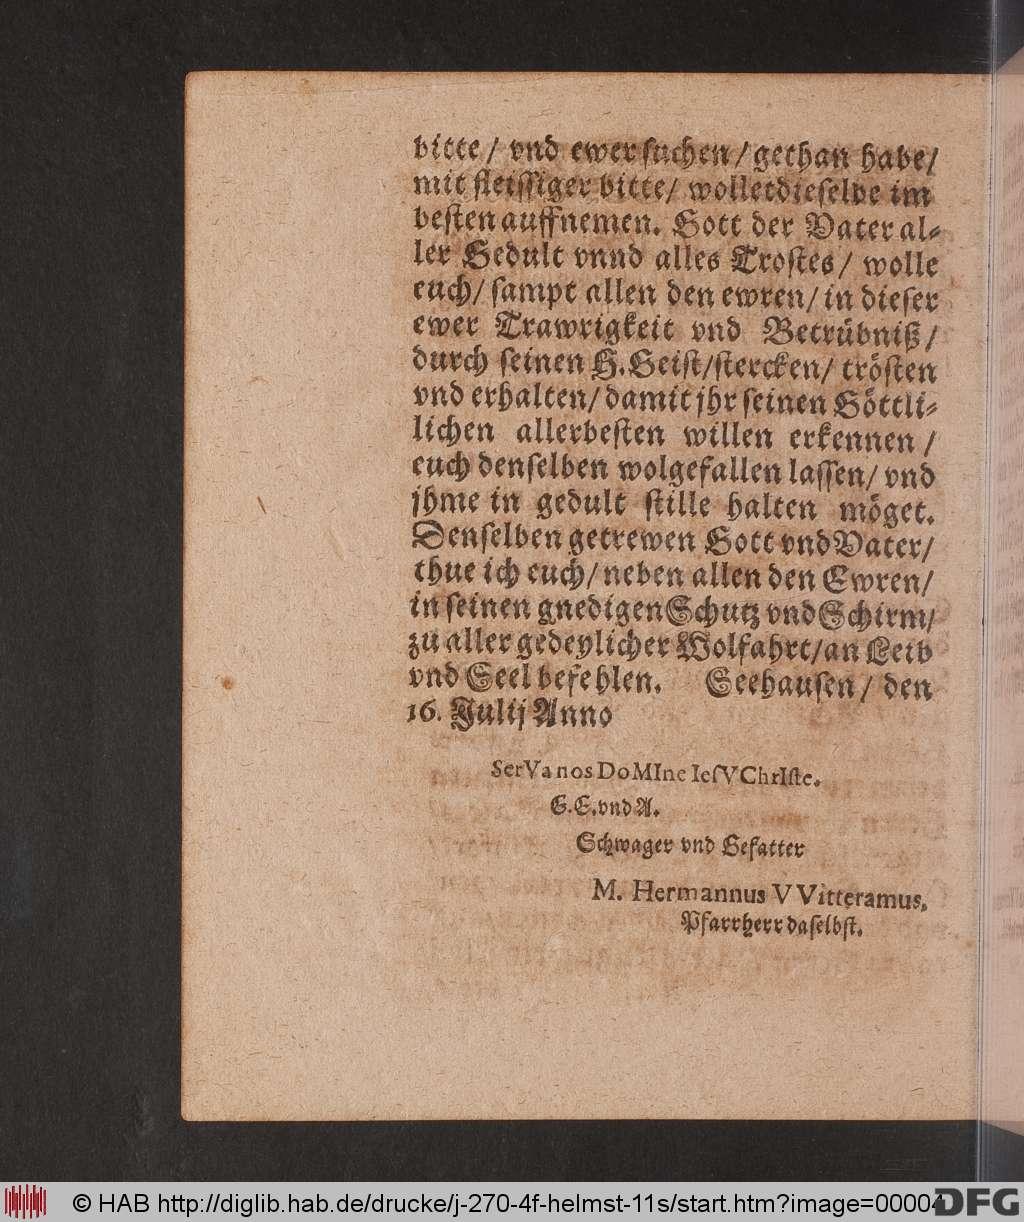 http://diglib.hab.de/drucke/j-270-4f-helmst-11s/00004.jpg